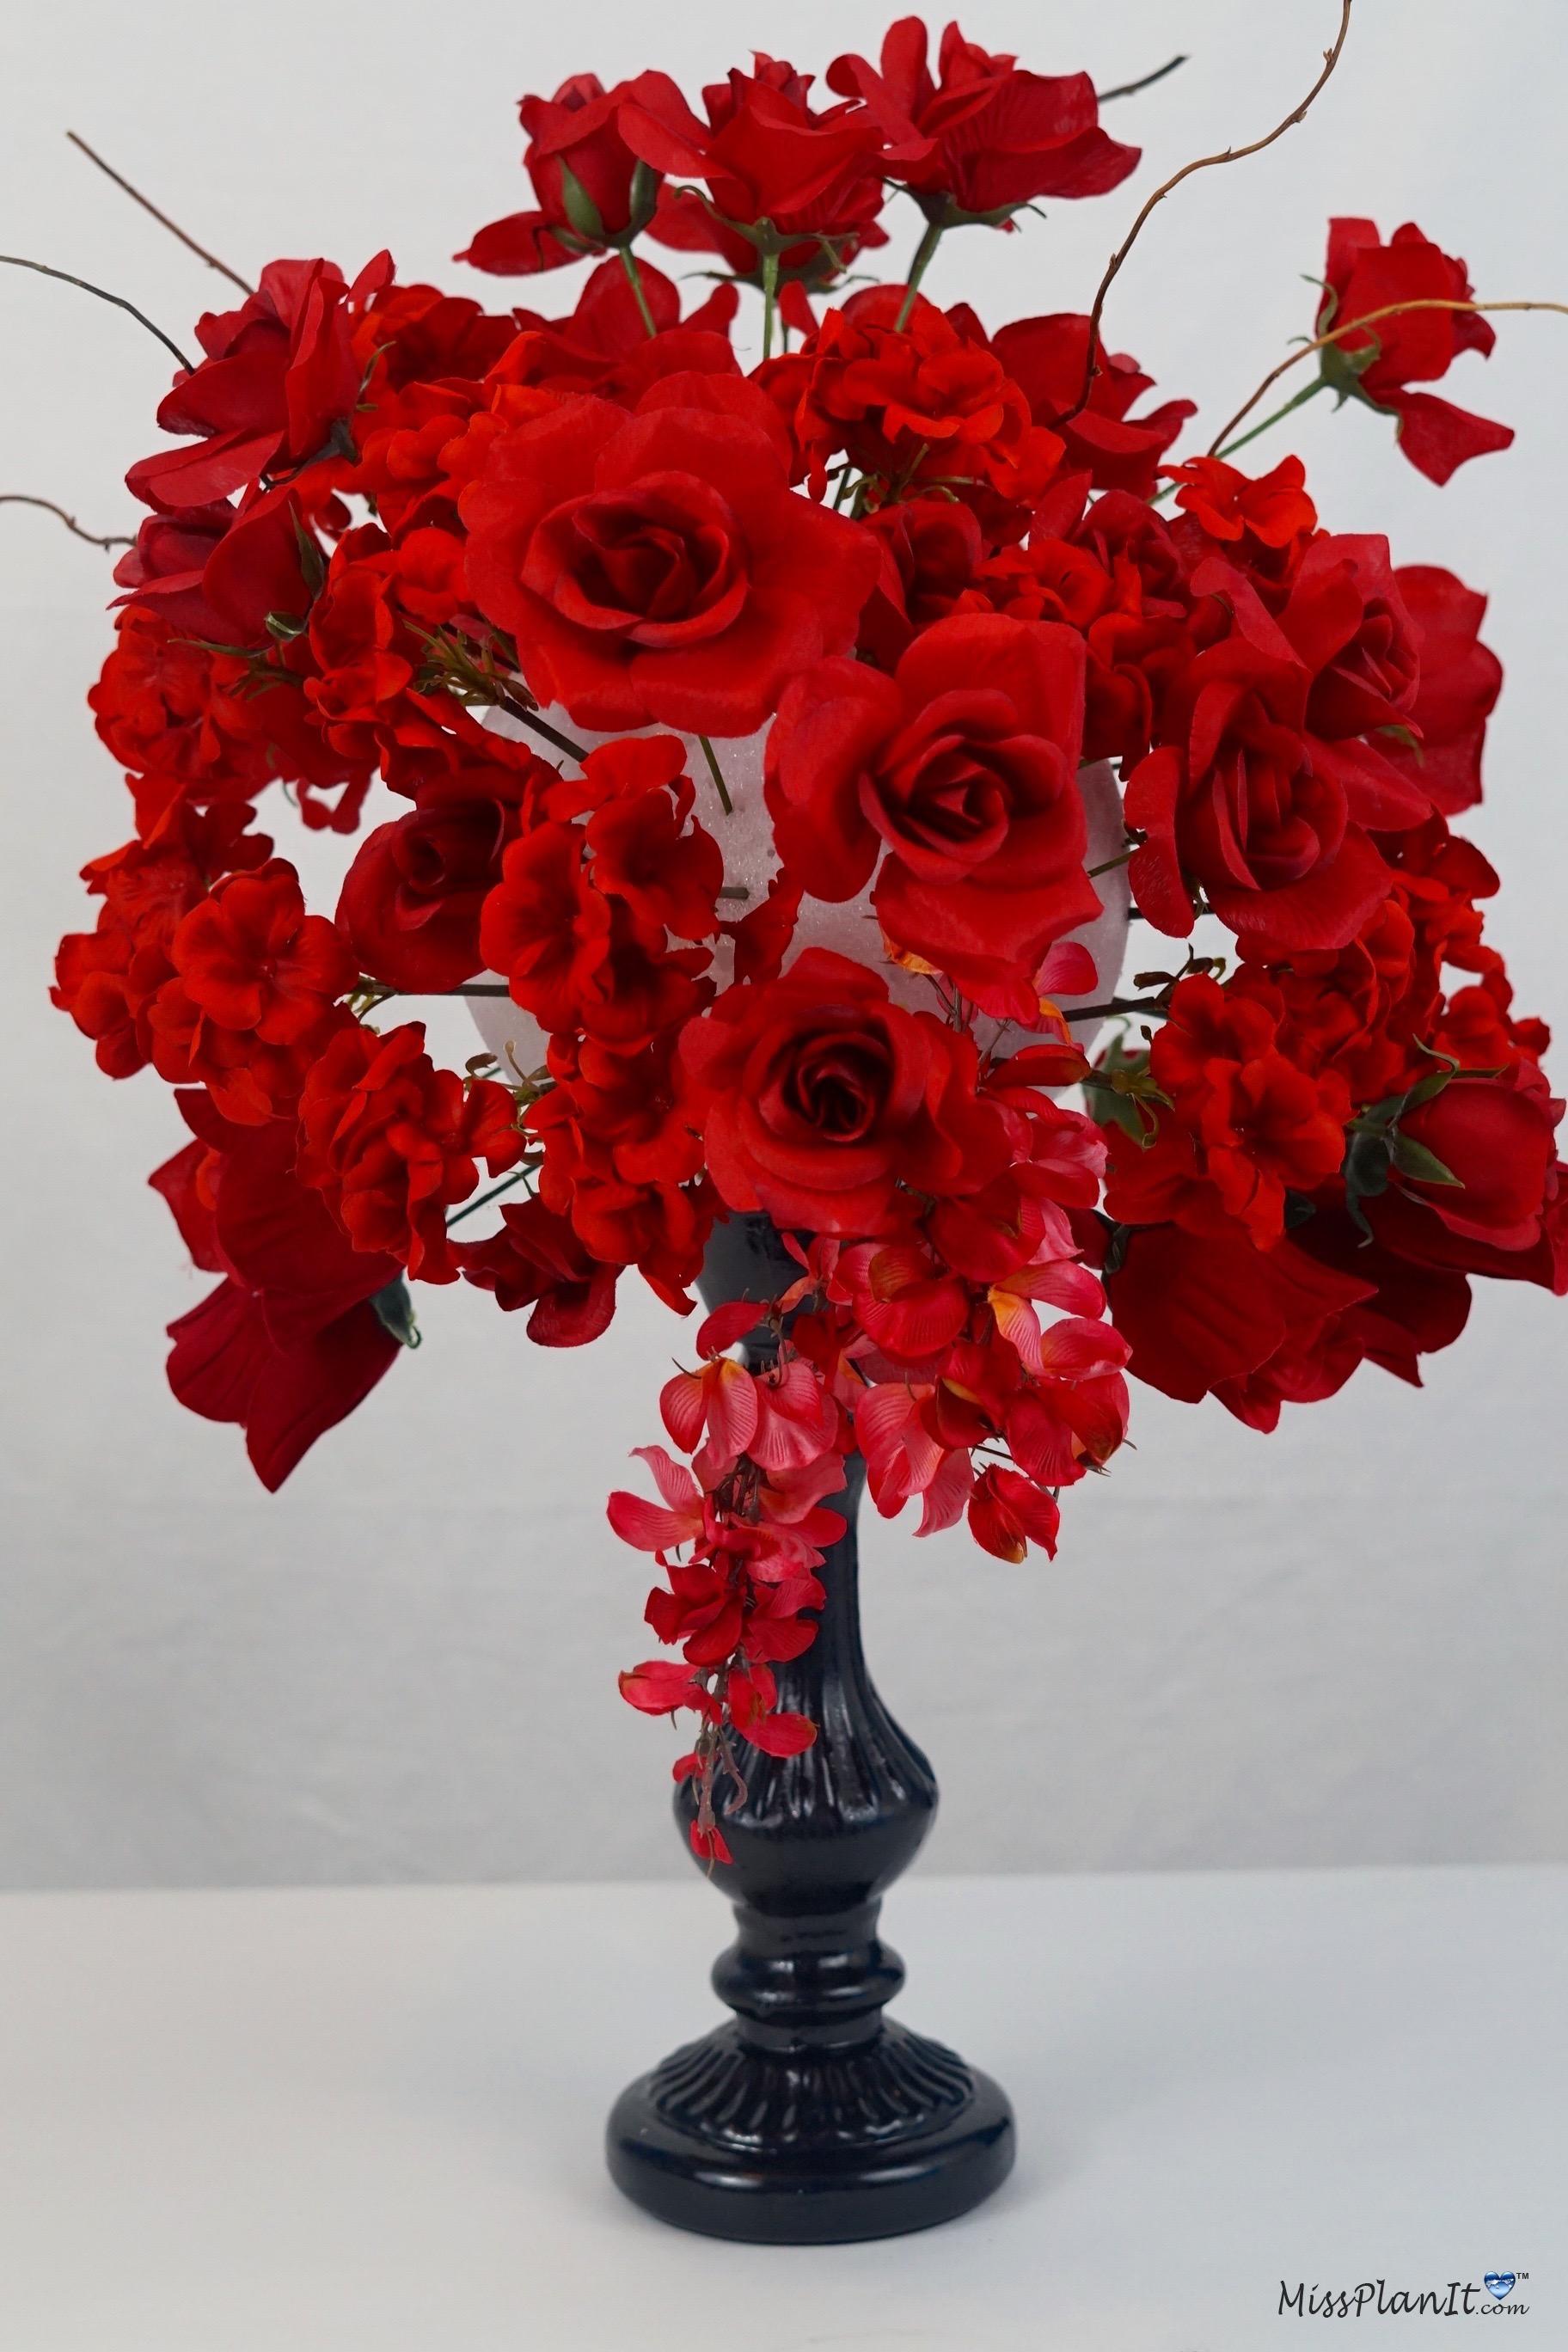 Tall rose garden candlestick wedding centerpiece